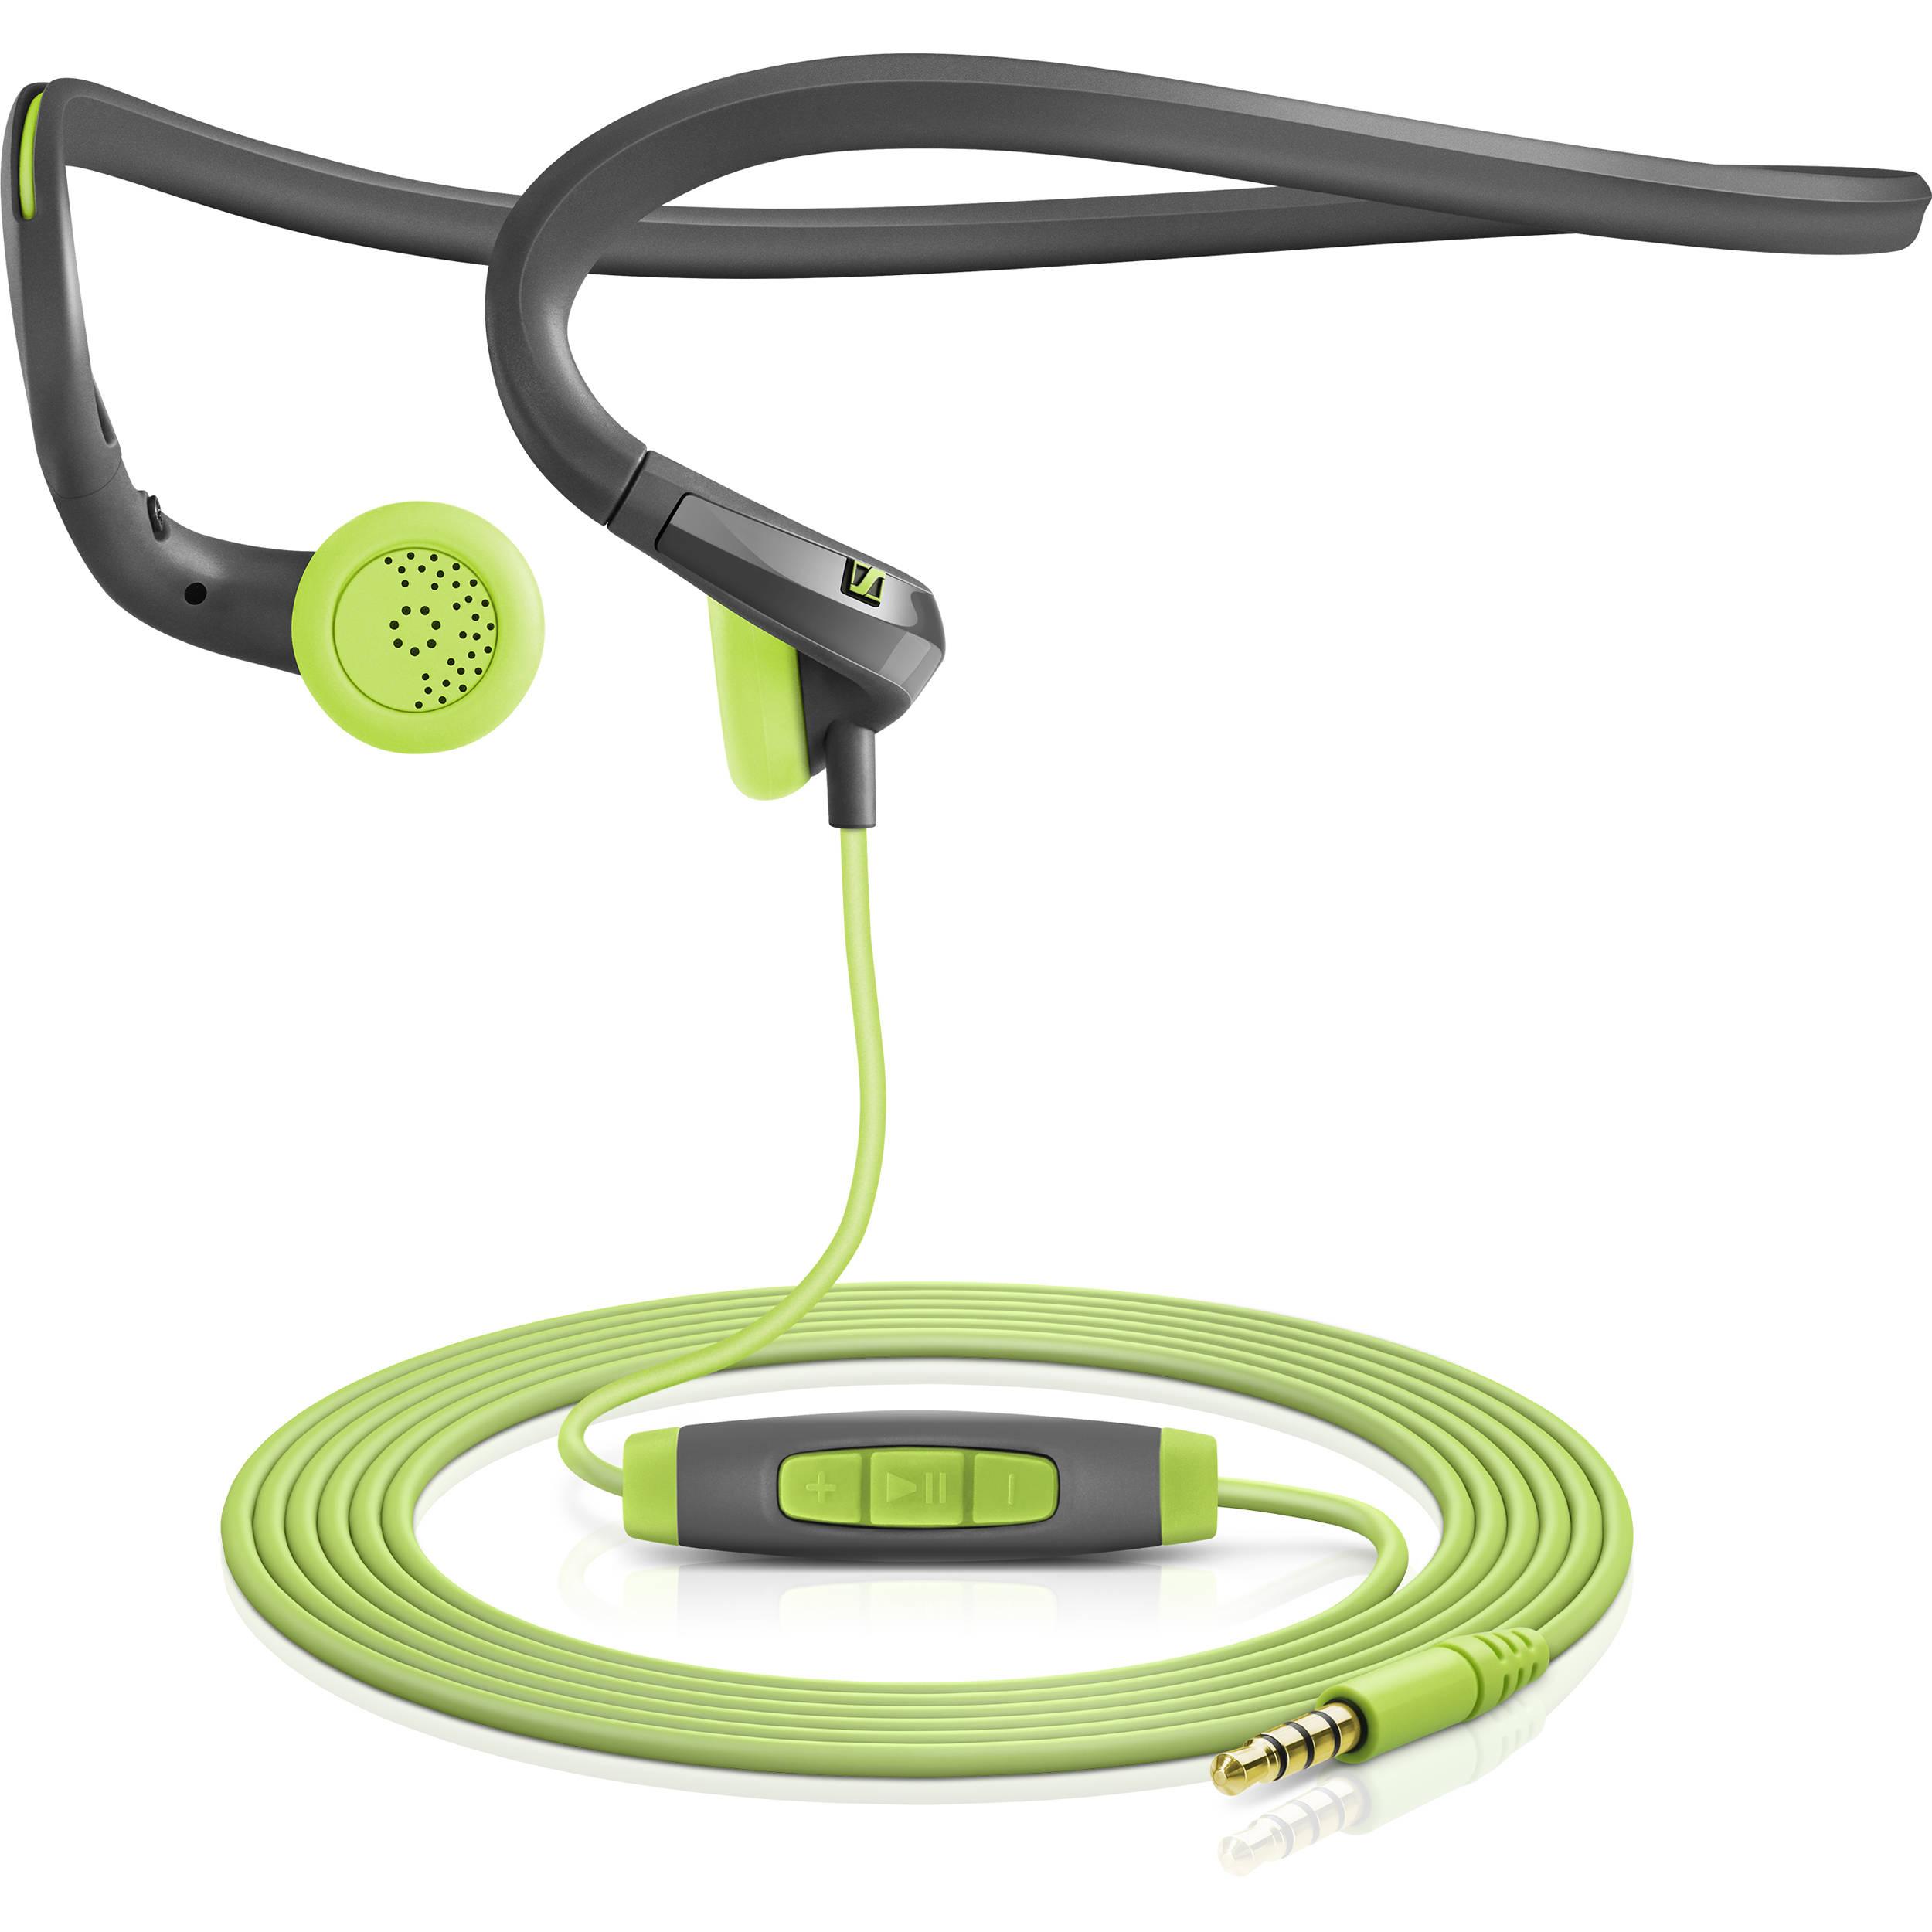 Sennheiser Sport Headphones Image Headphone Earphone Cx Pmx 684i In Ear Neckband Sports 506788 B H